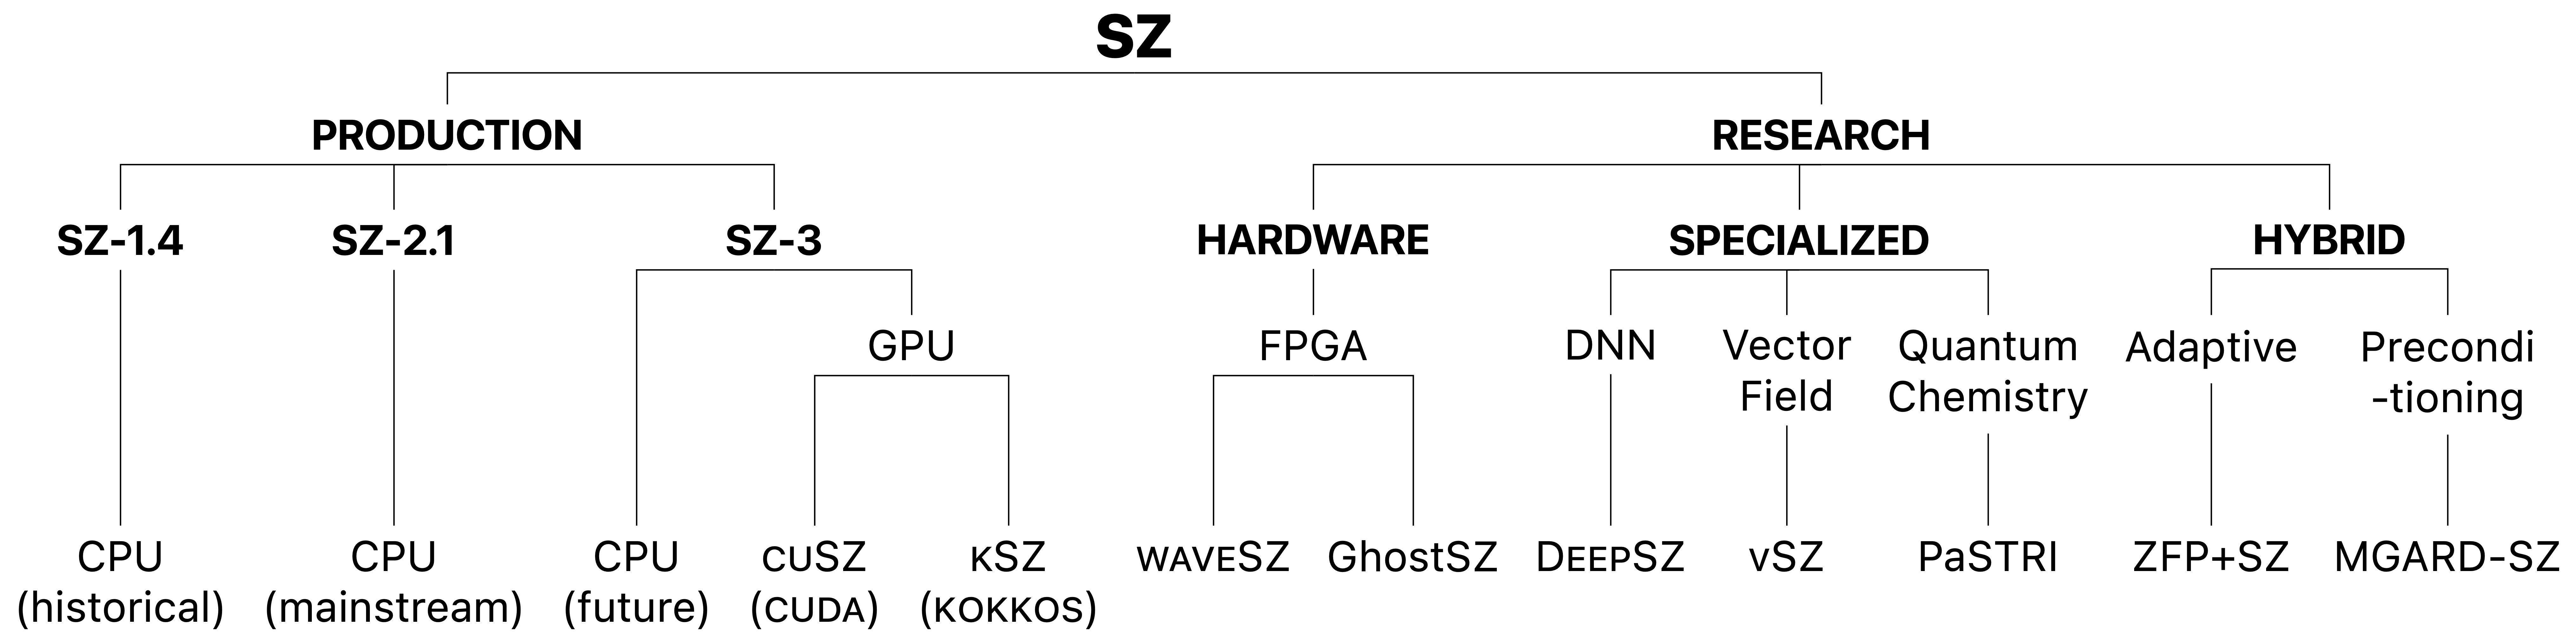 SZ_Family_Tree